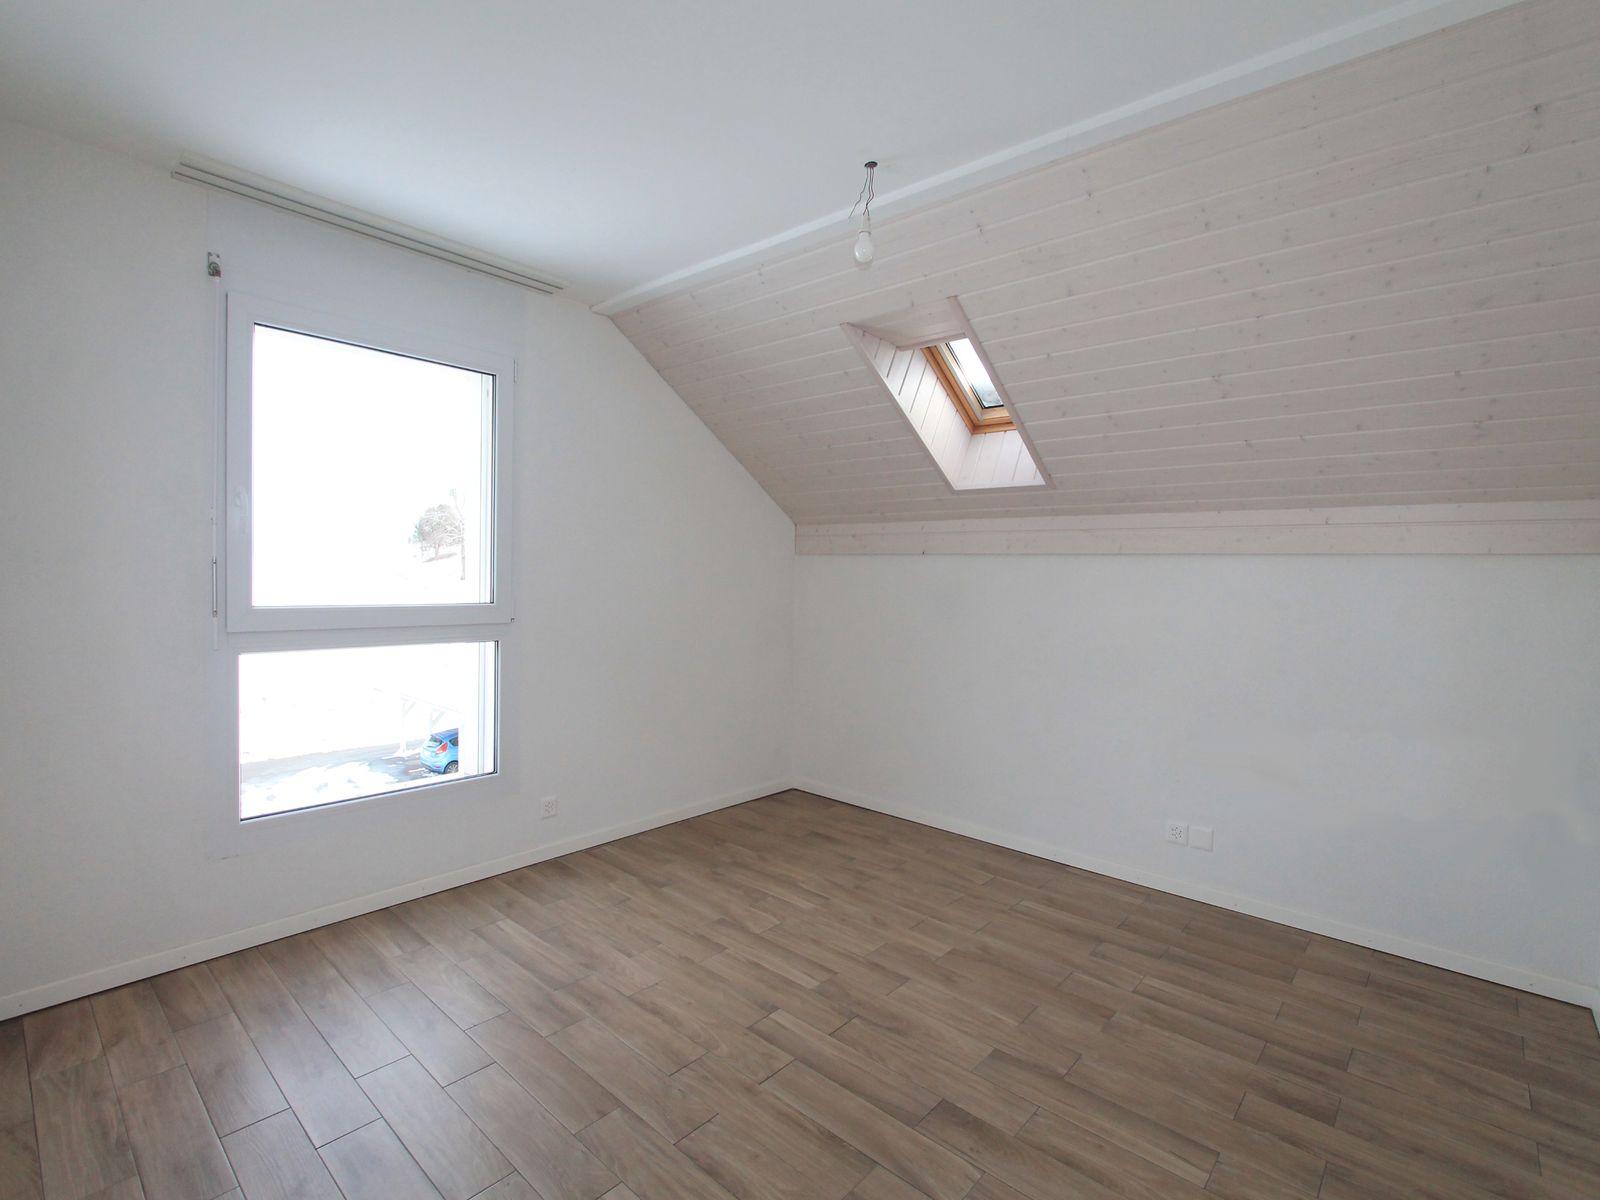 Spacieuse chambre avec fenêtre et velux